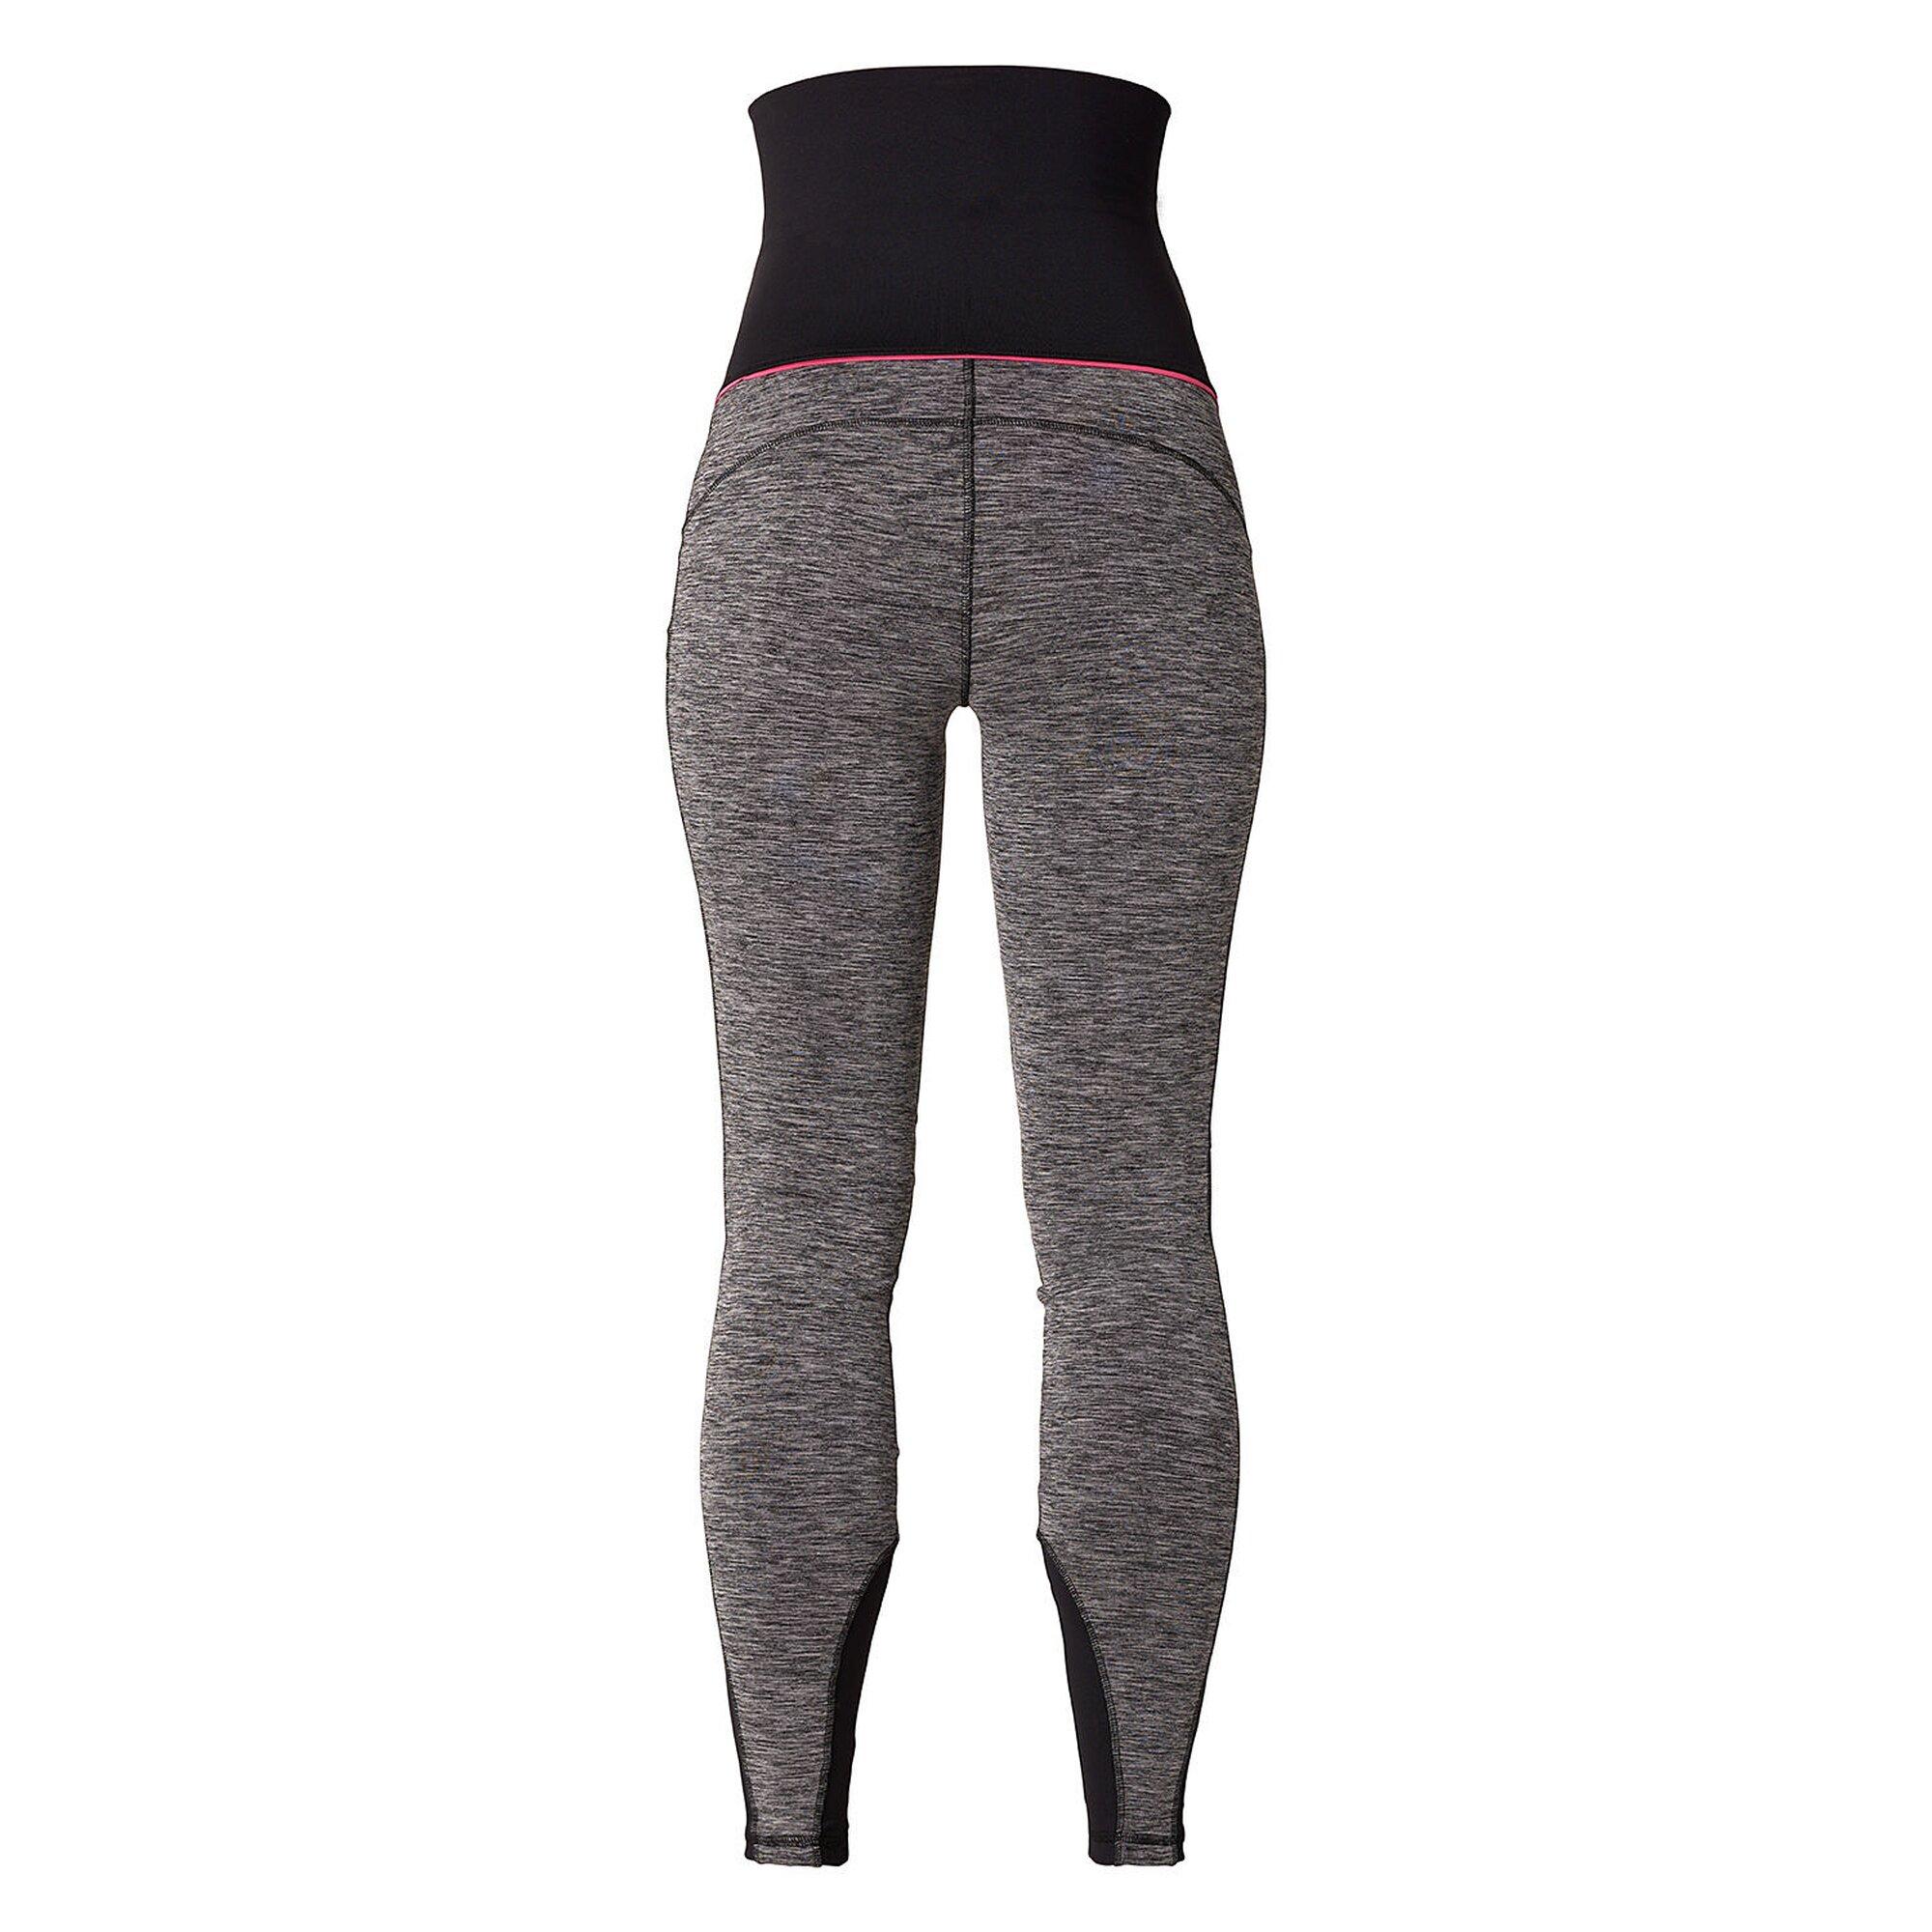 esprit-sport-legging, 59.99 EUR @ babywalz-de